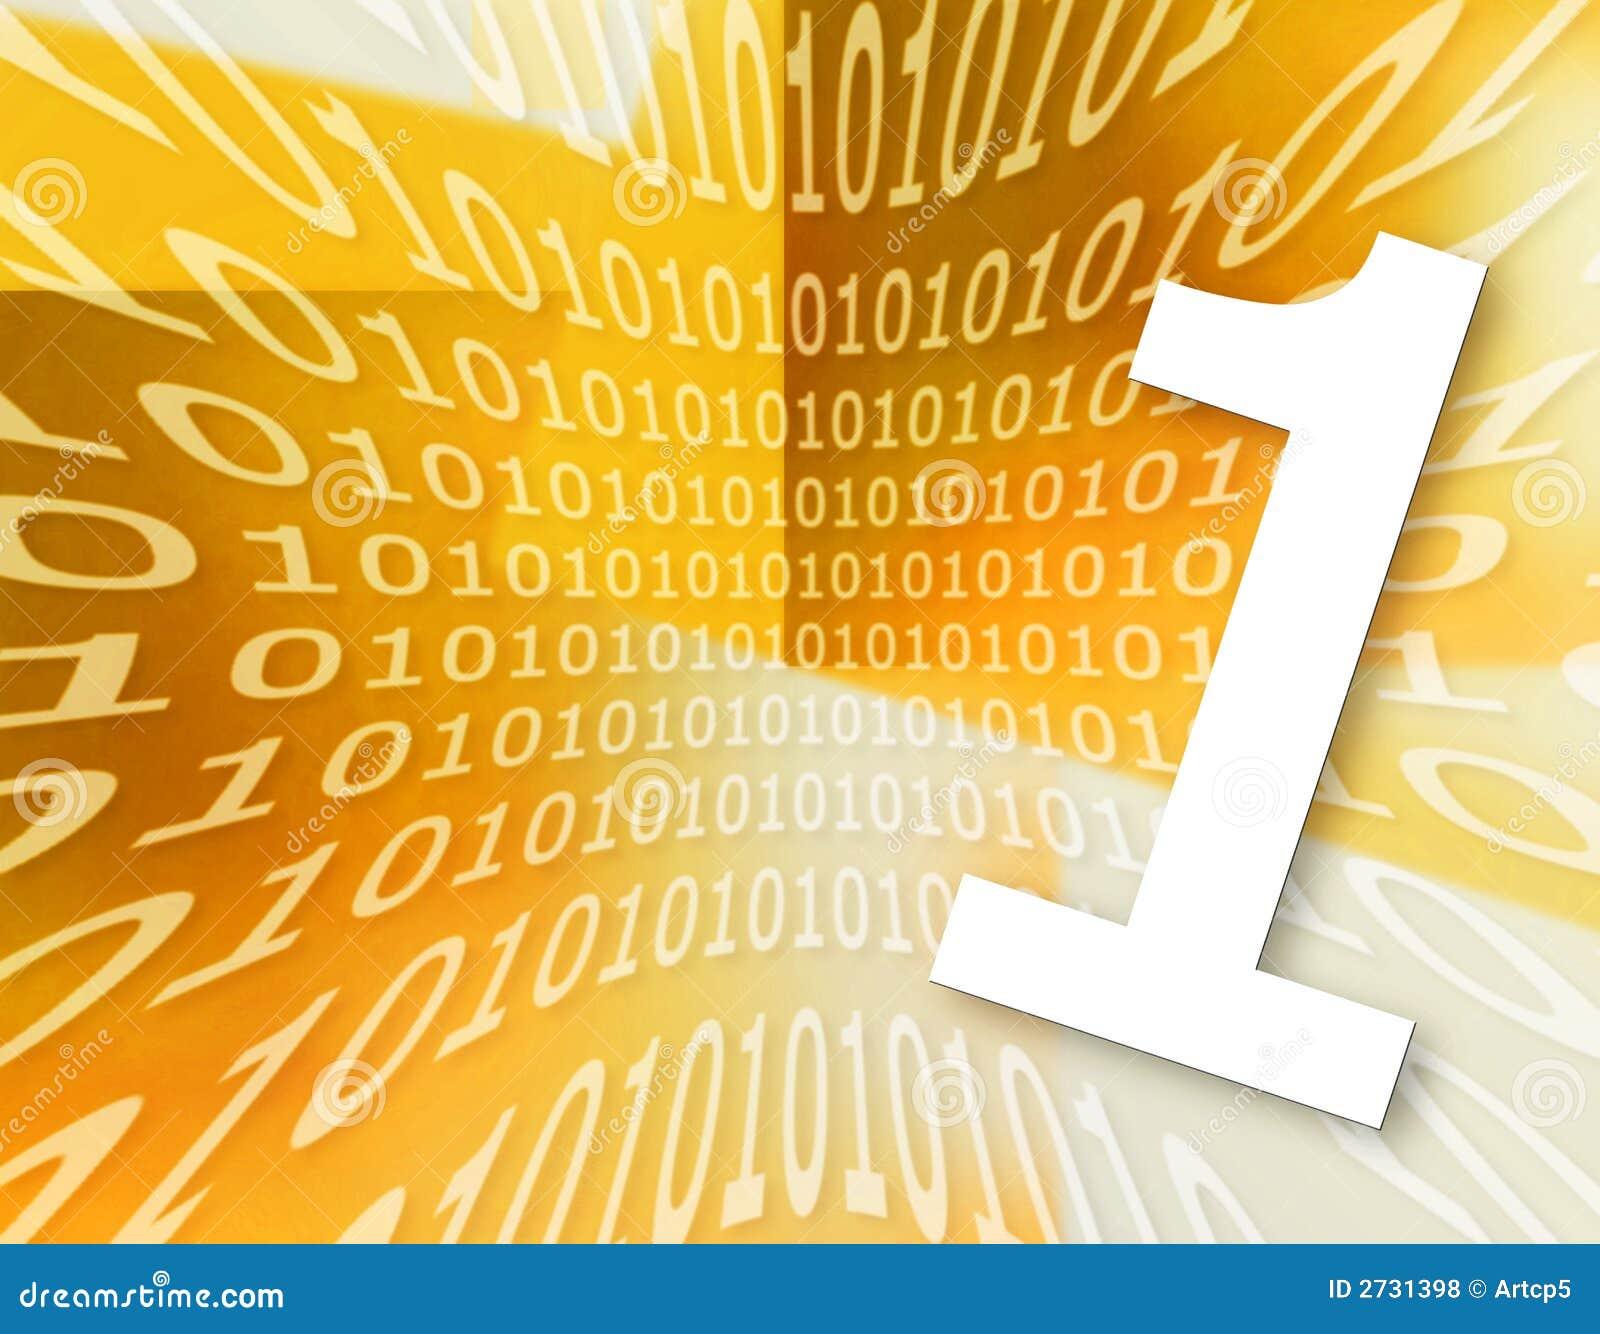 Textura del código binario